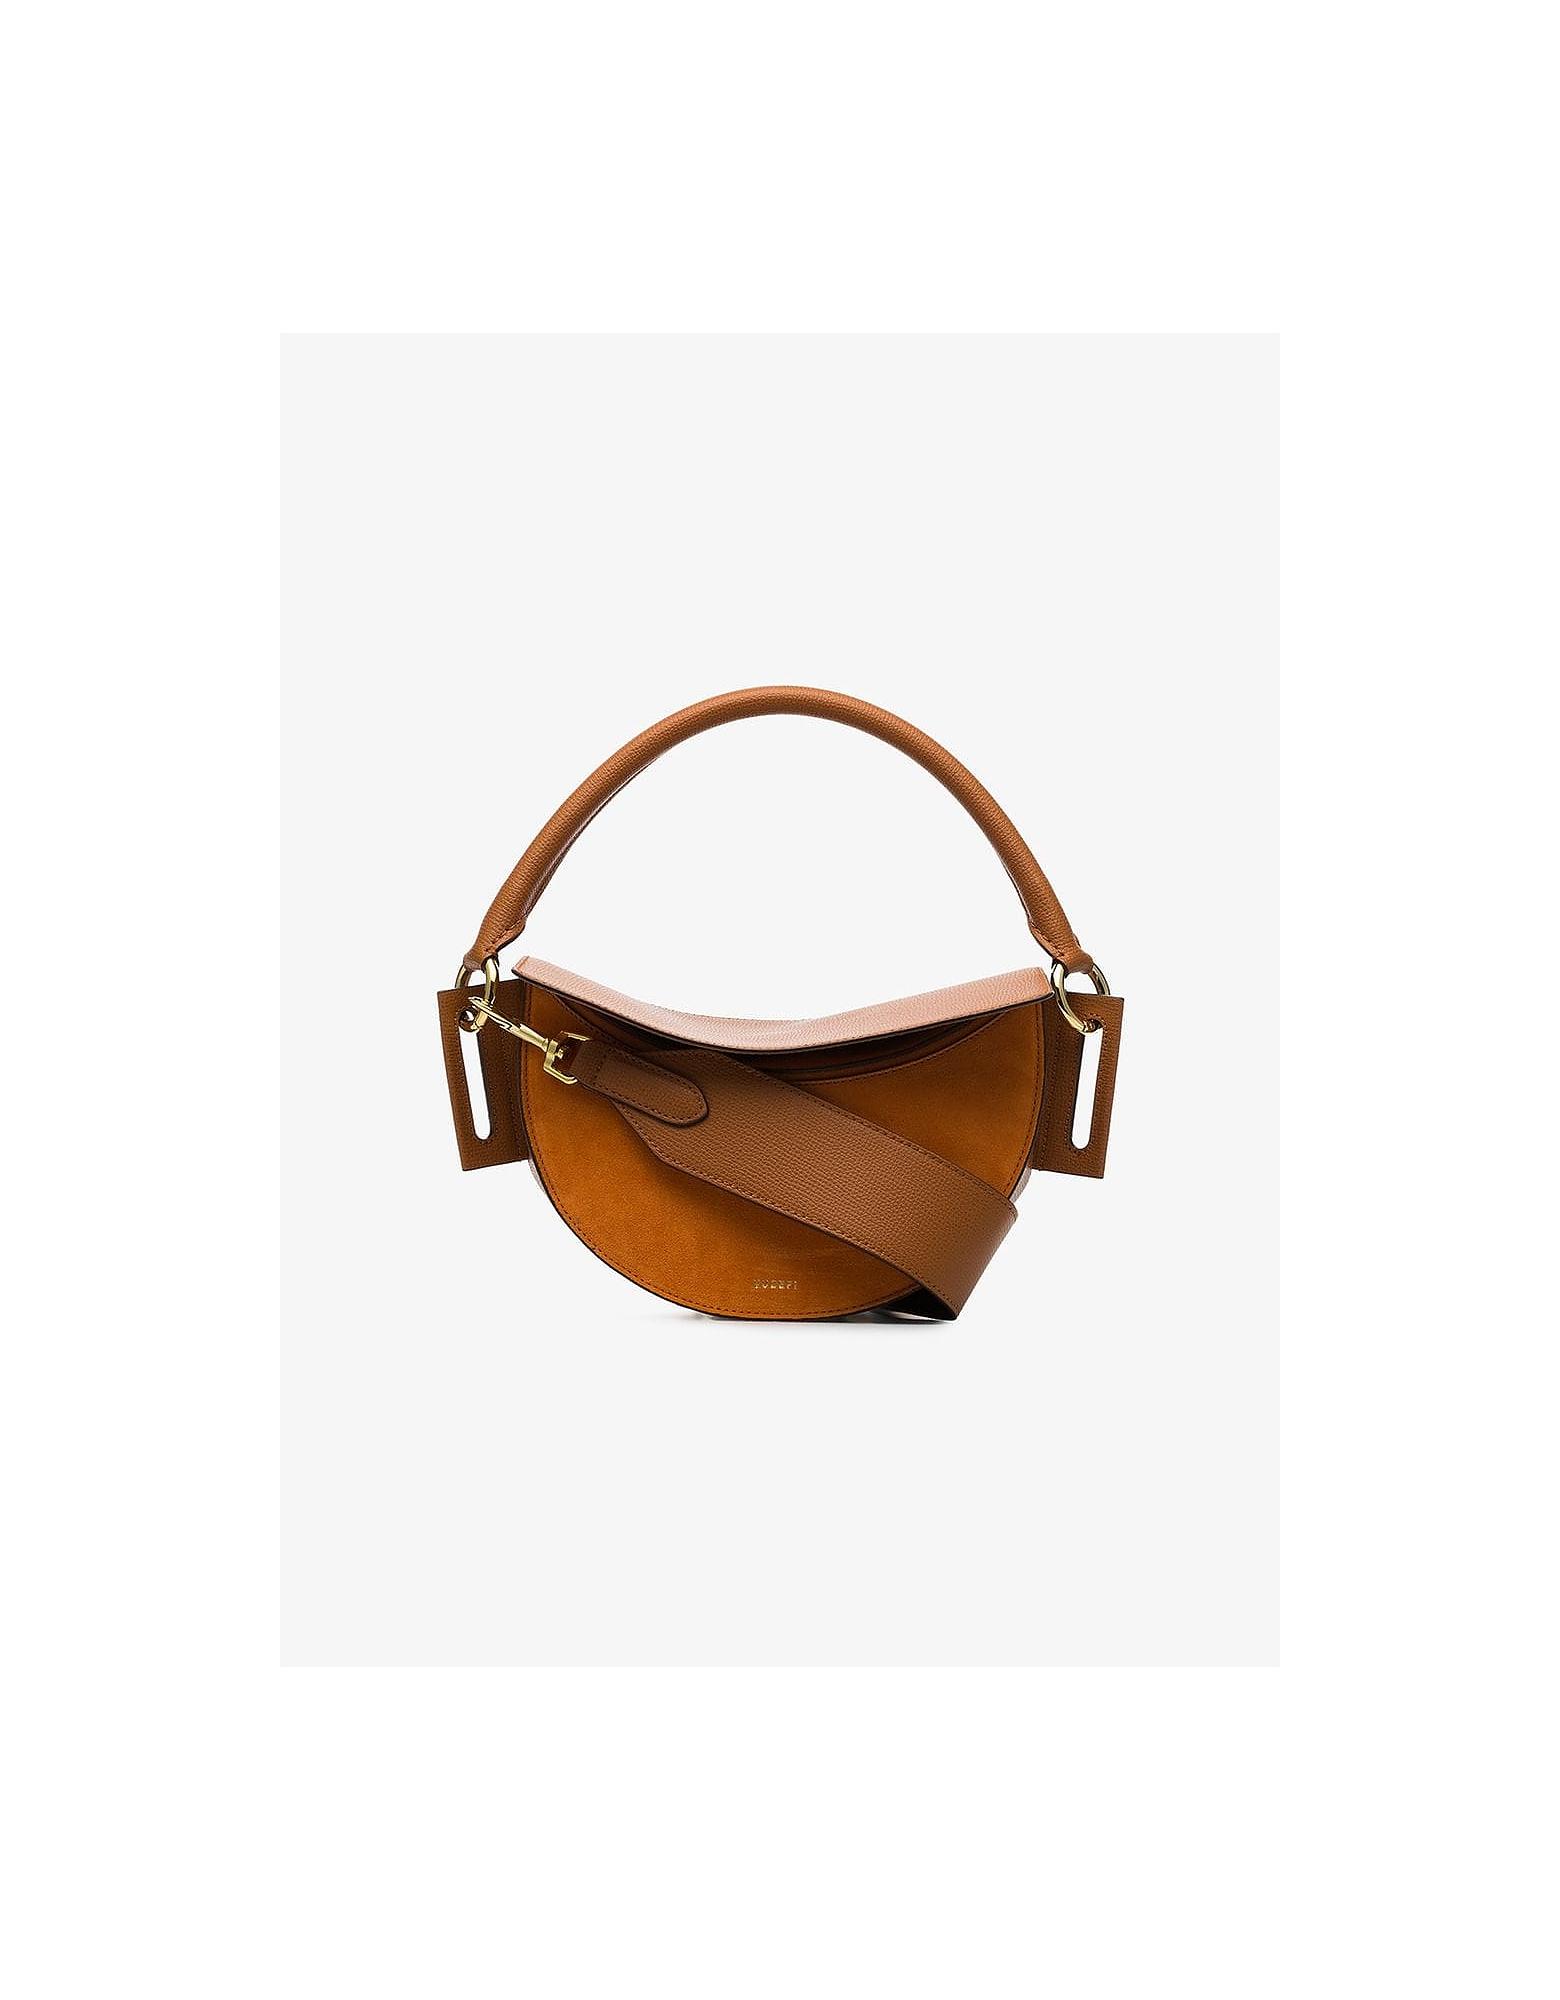 Yuzefi Designer Handbags, Dip Leather Shoulder Bag